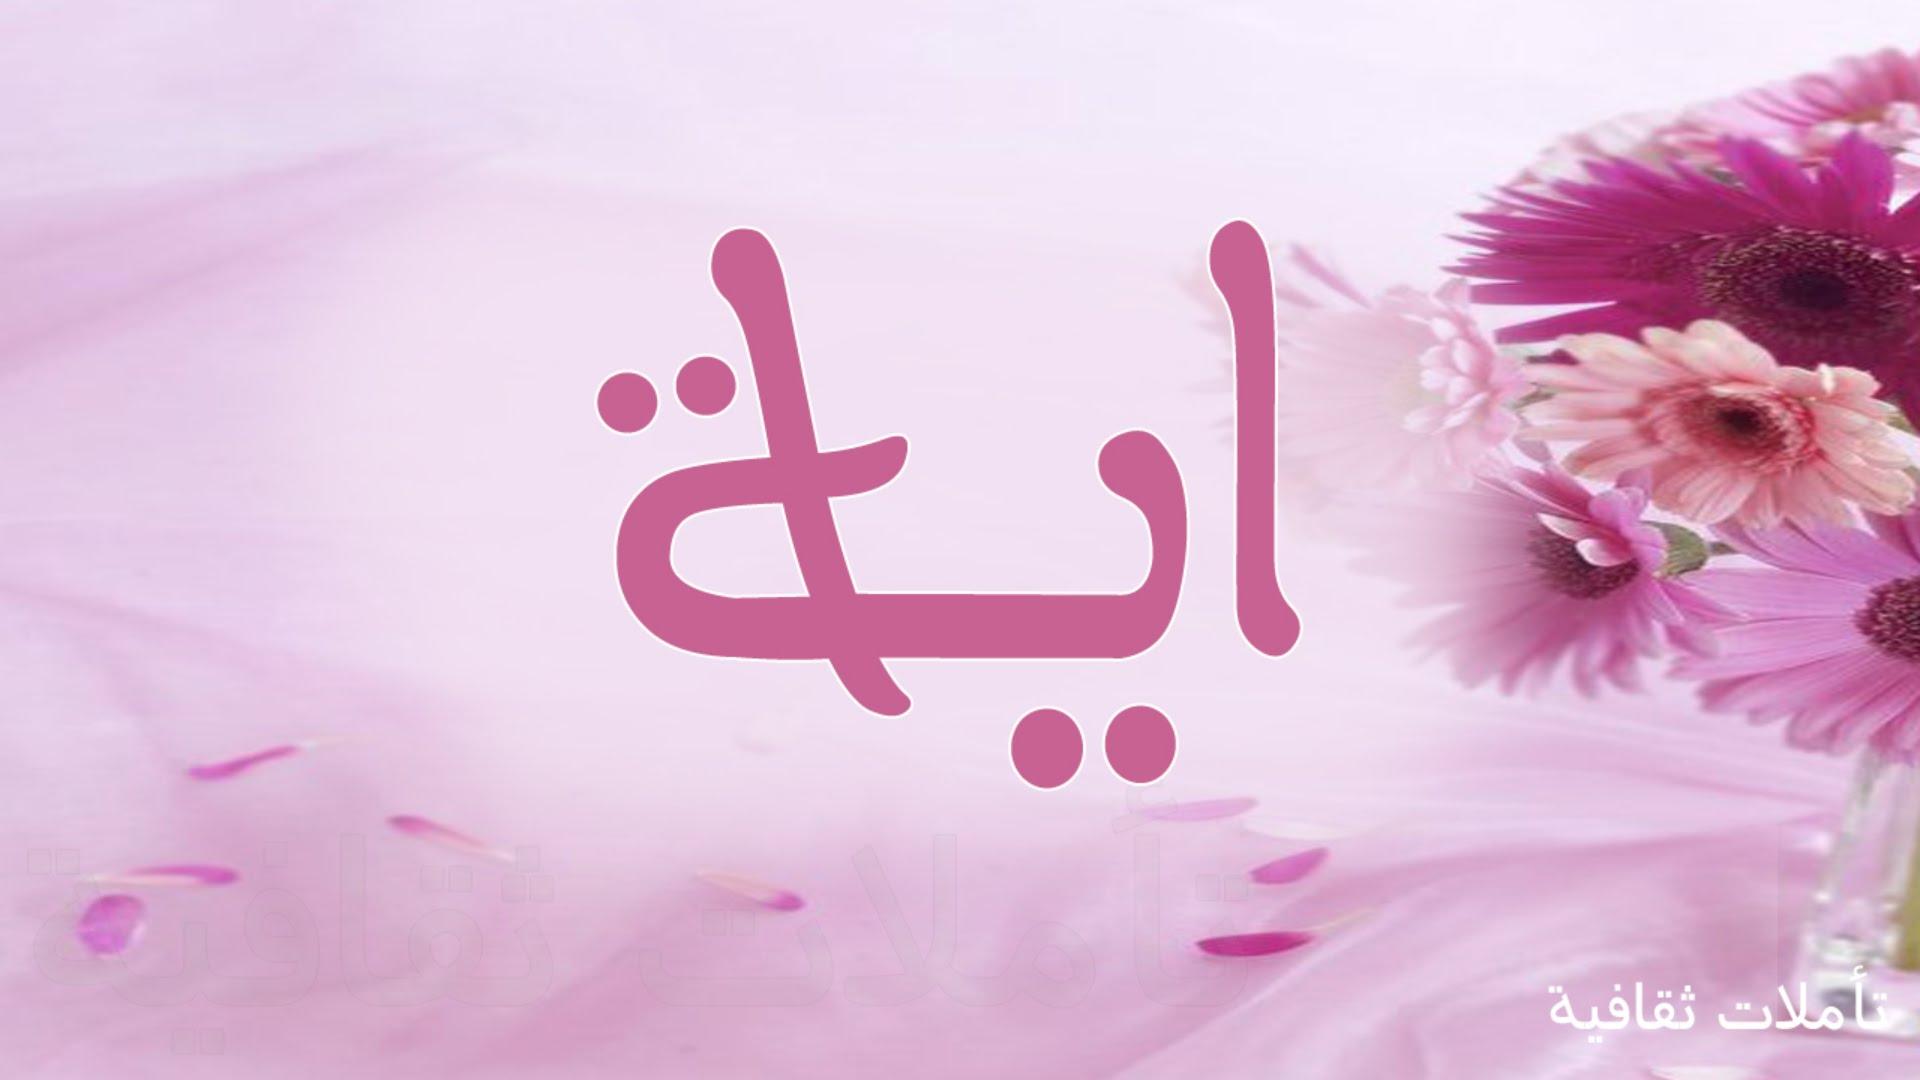 صورة معنى اسم اية , مرادف اسم ايه في قاموس الاسامي